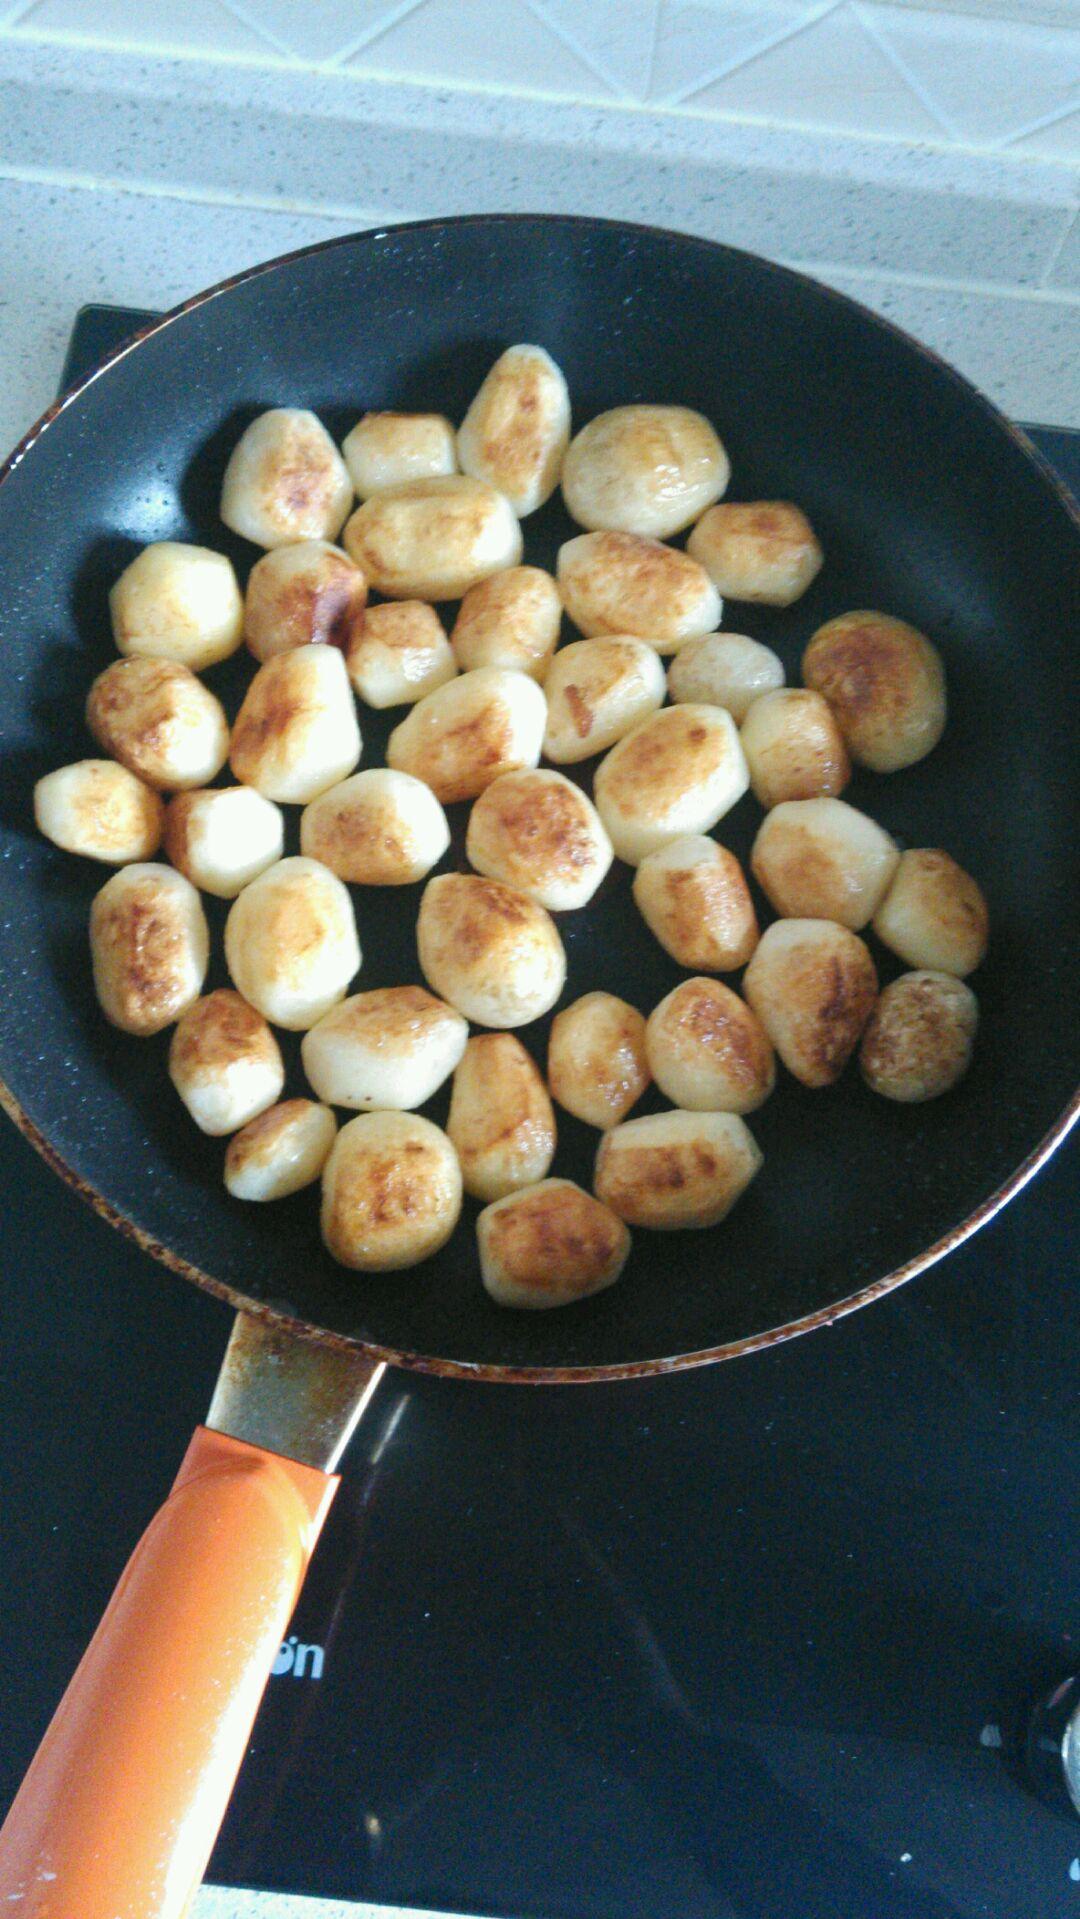 恩施炕土豆怎么做的